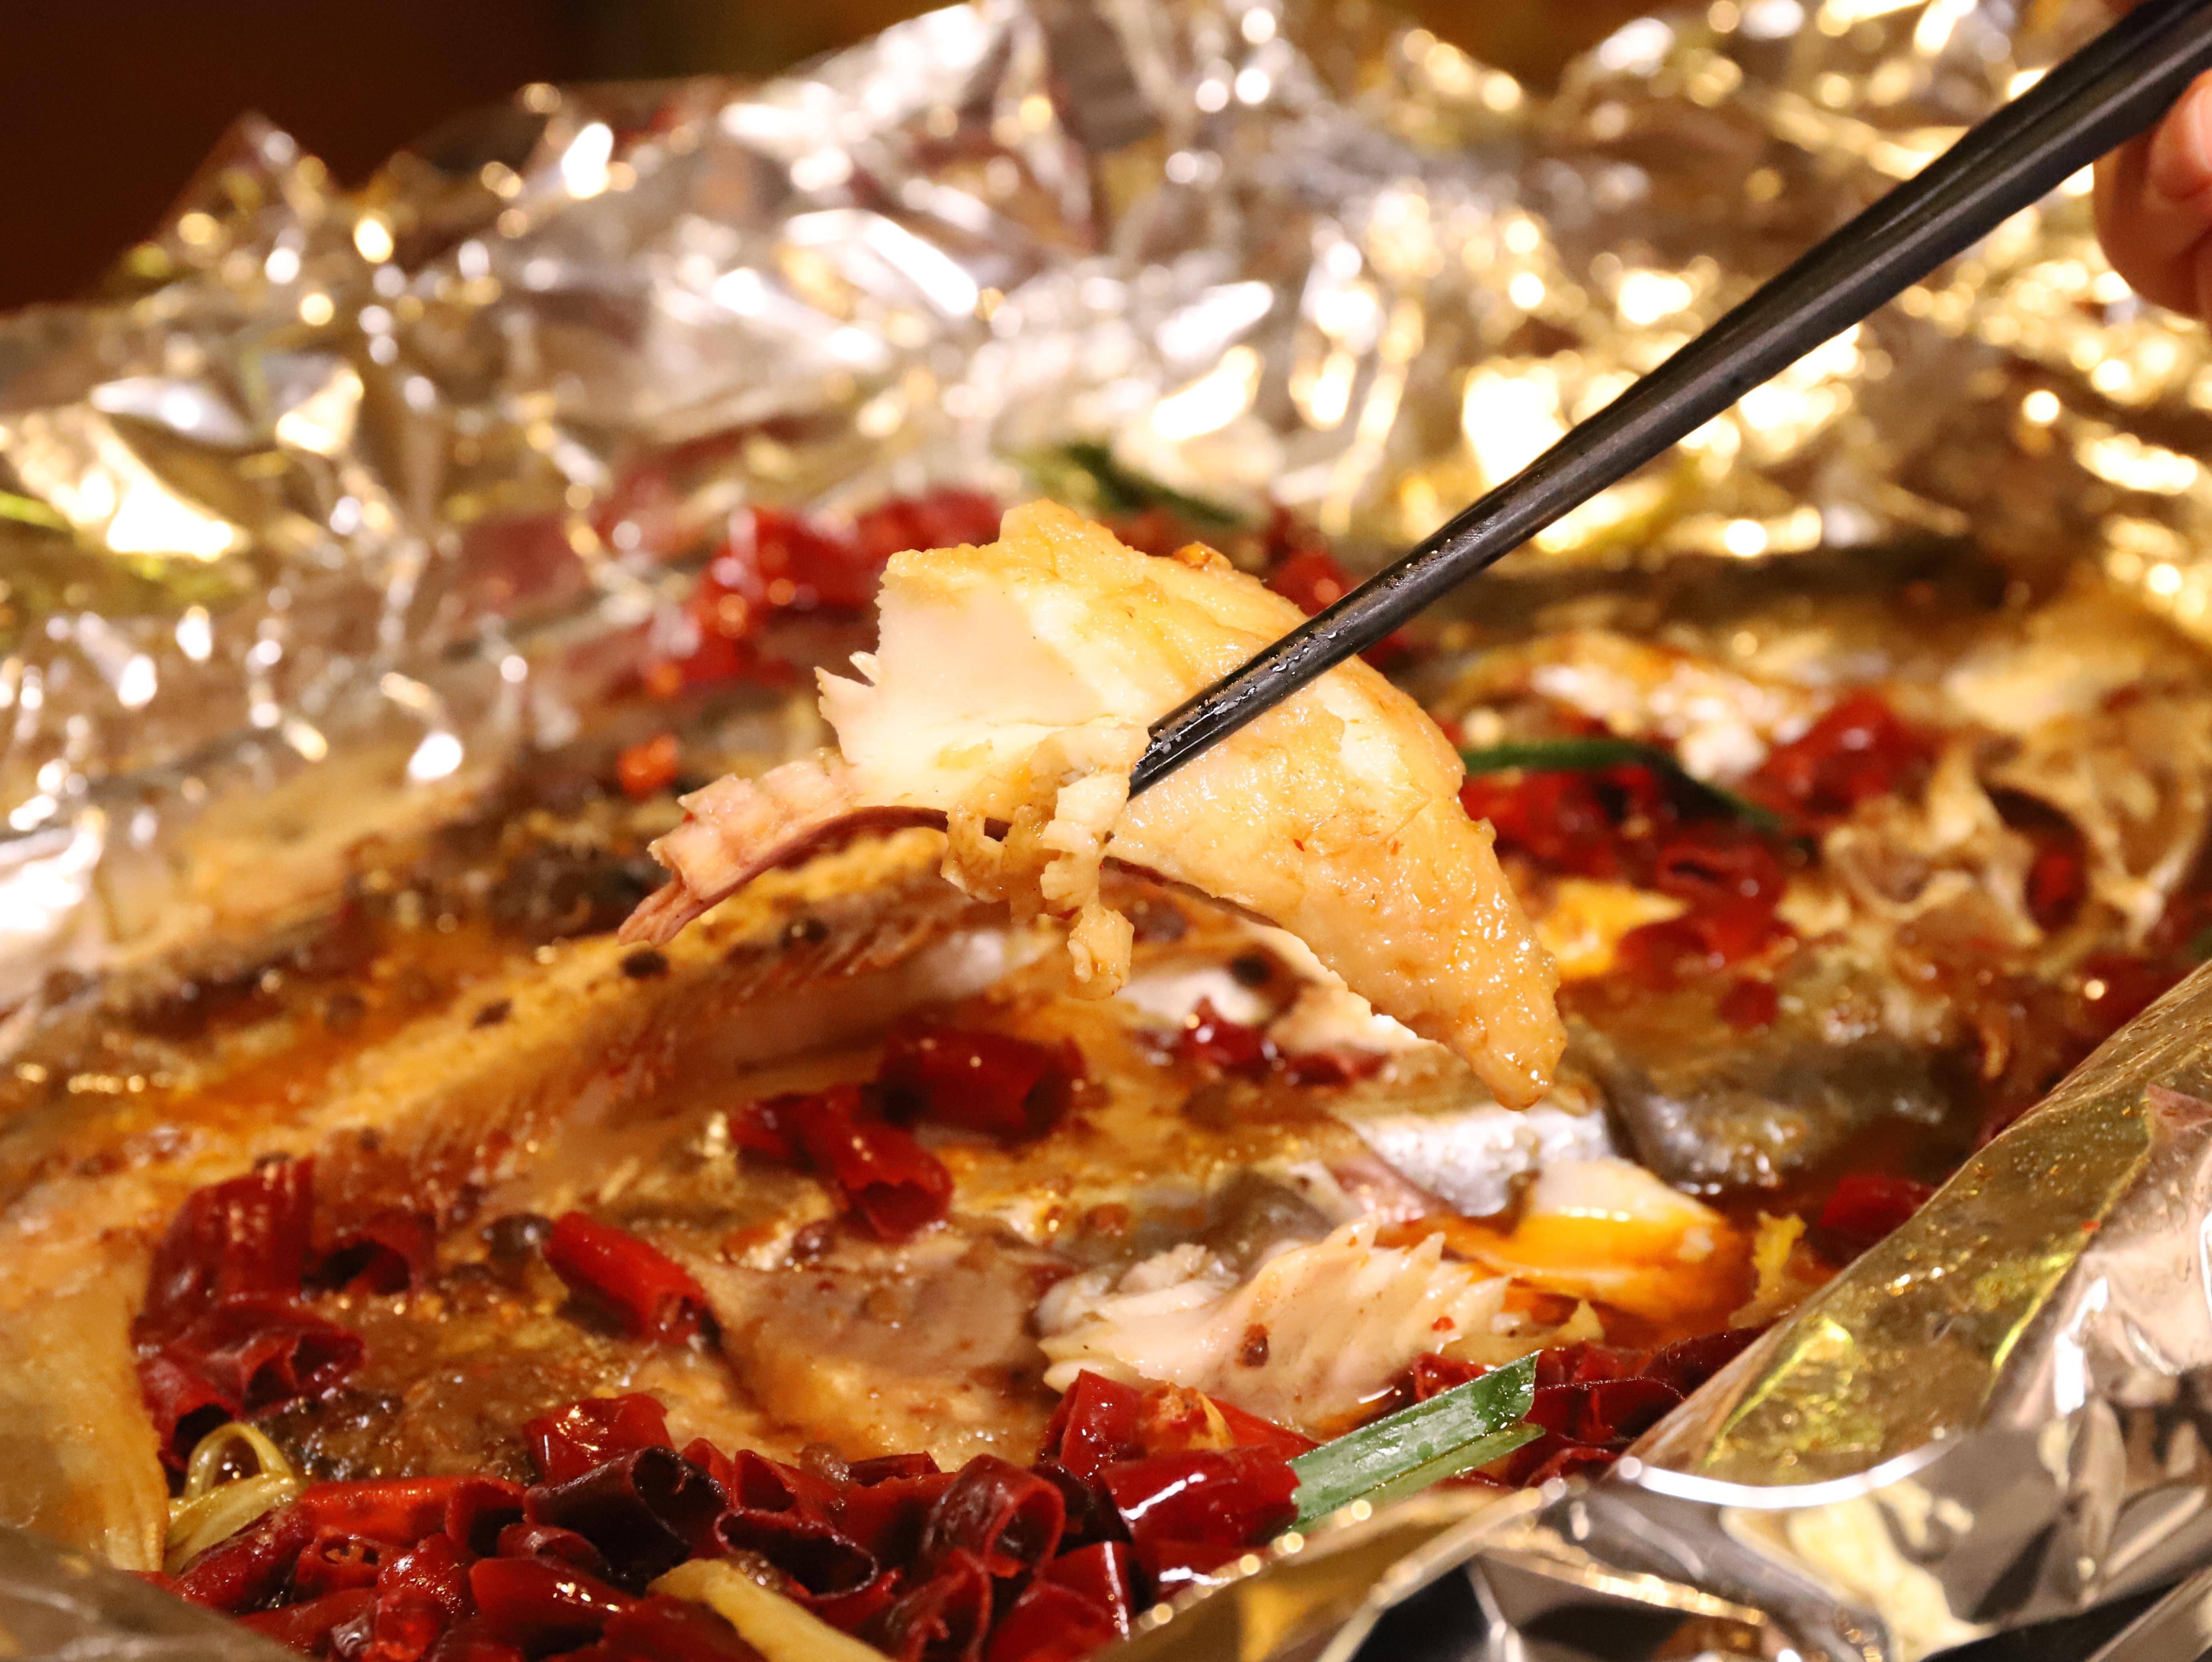 莆田吃鱼好去处,鱼肉十分细嫩,味道鲜香,让人回味无穷!